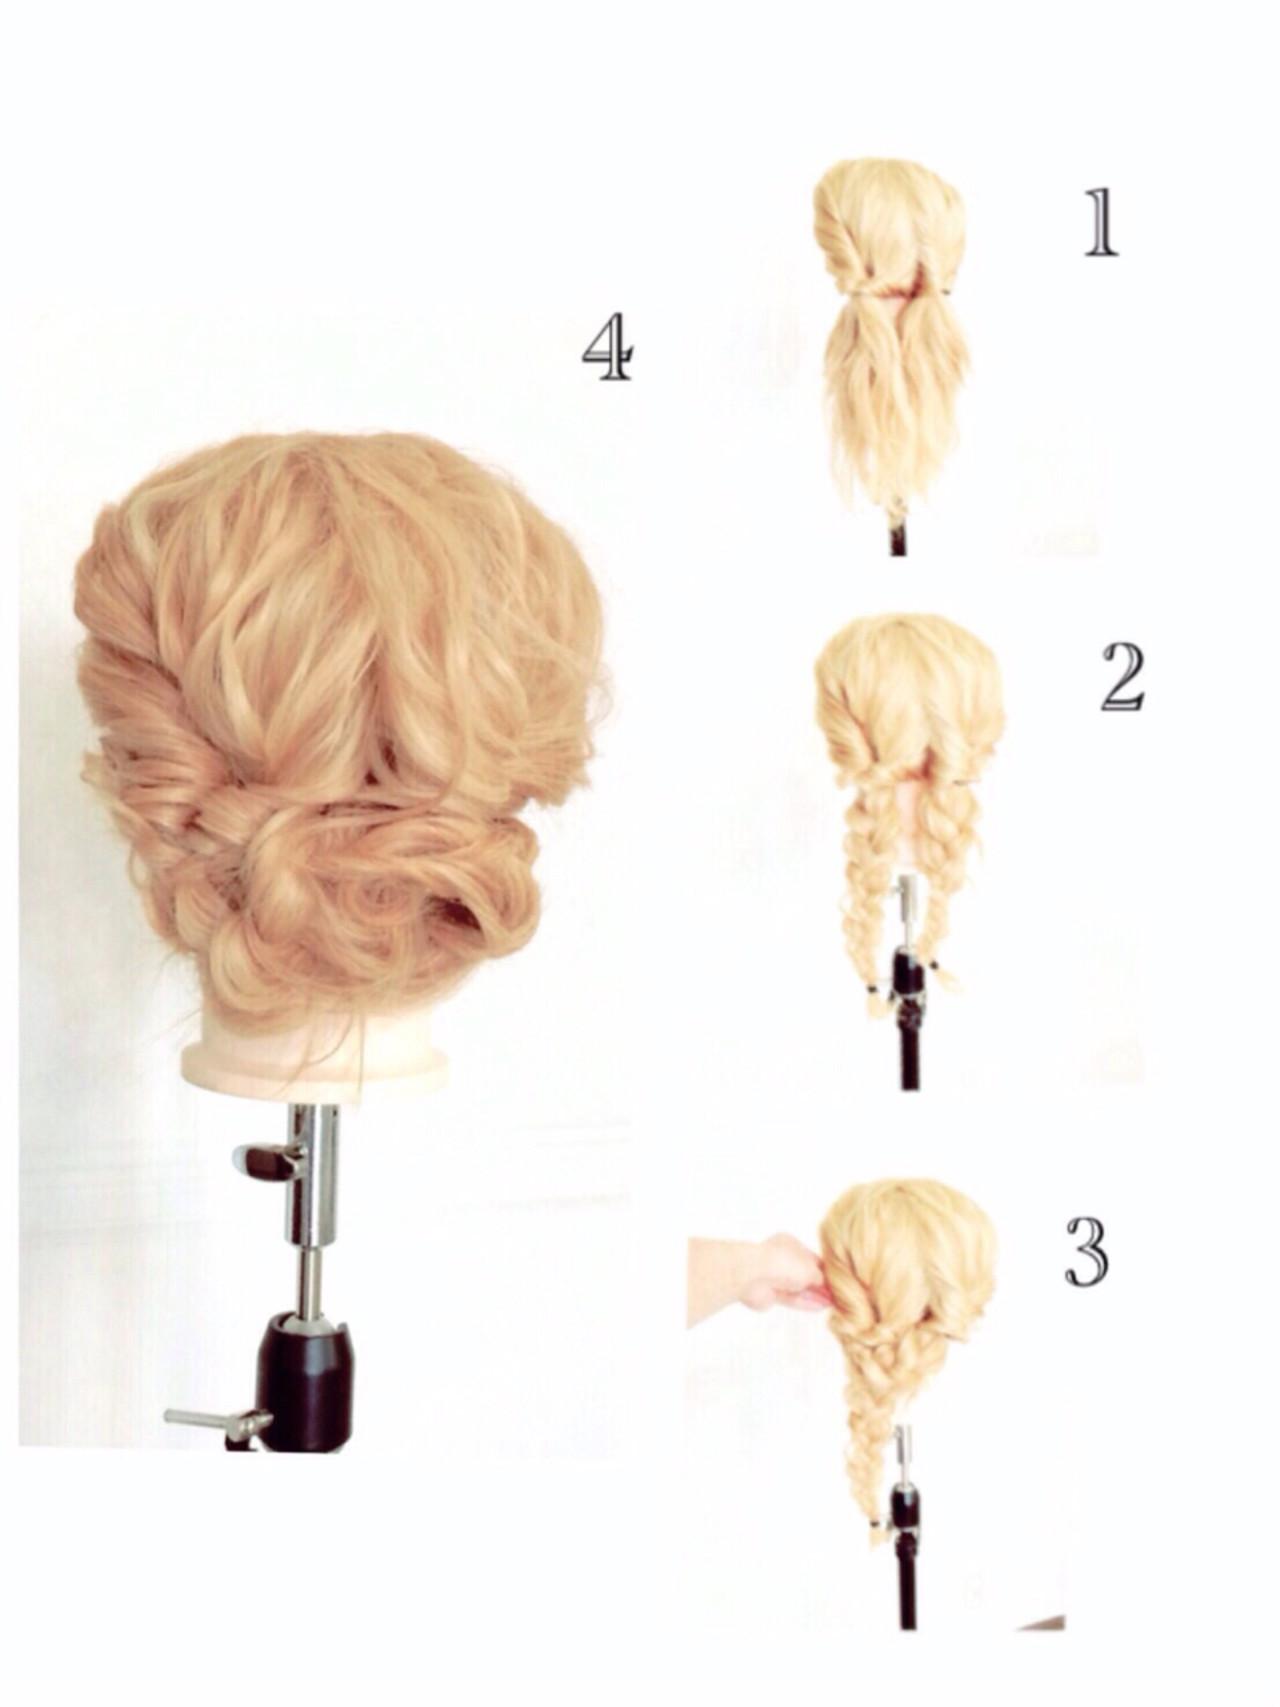 グラデーションカラー くせ毛風 ヘアアレンジ セミロング ヘアスタイルや髪型の写真・画像